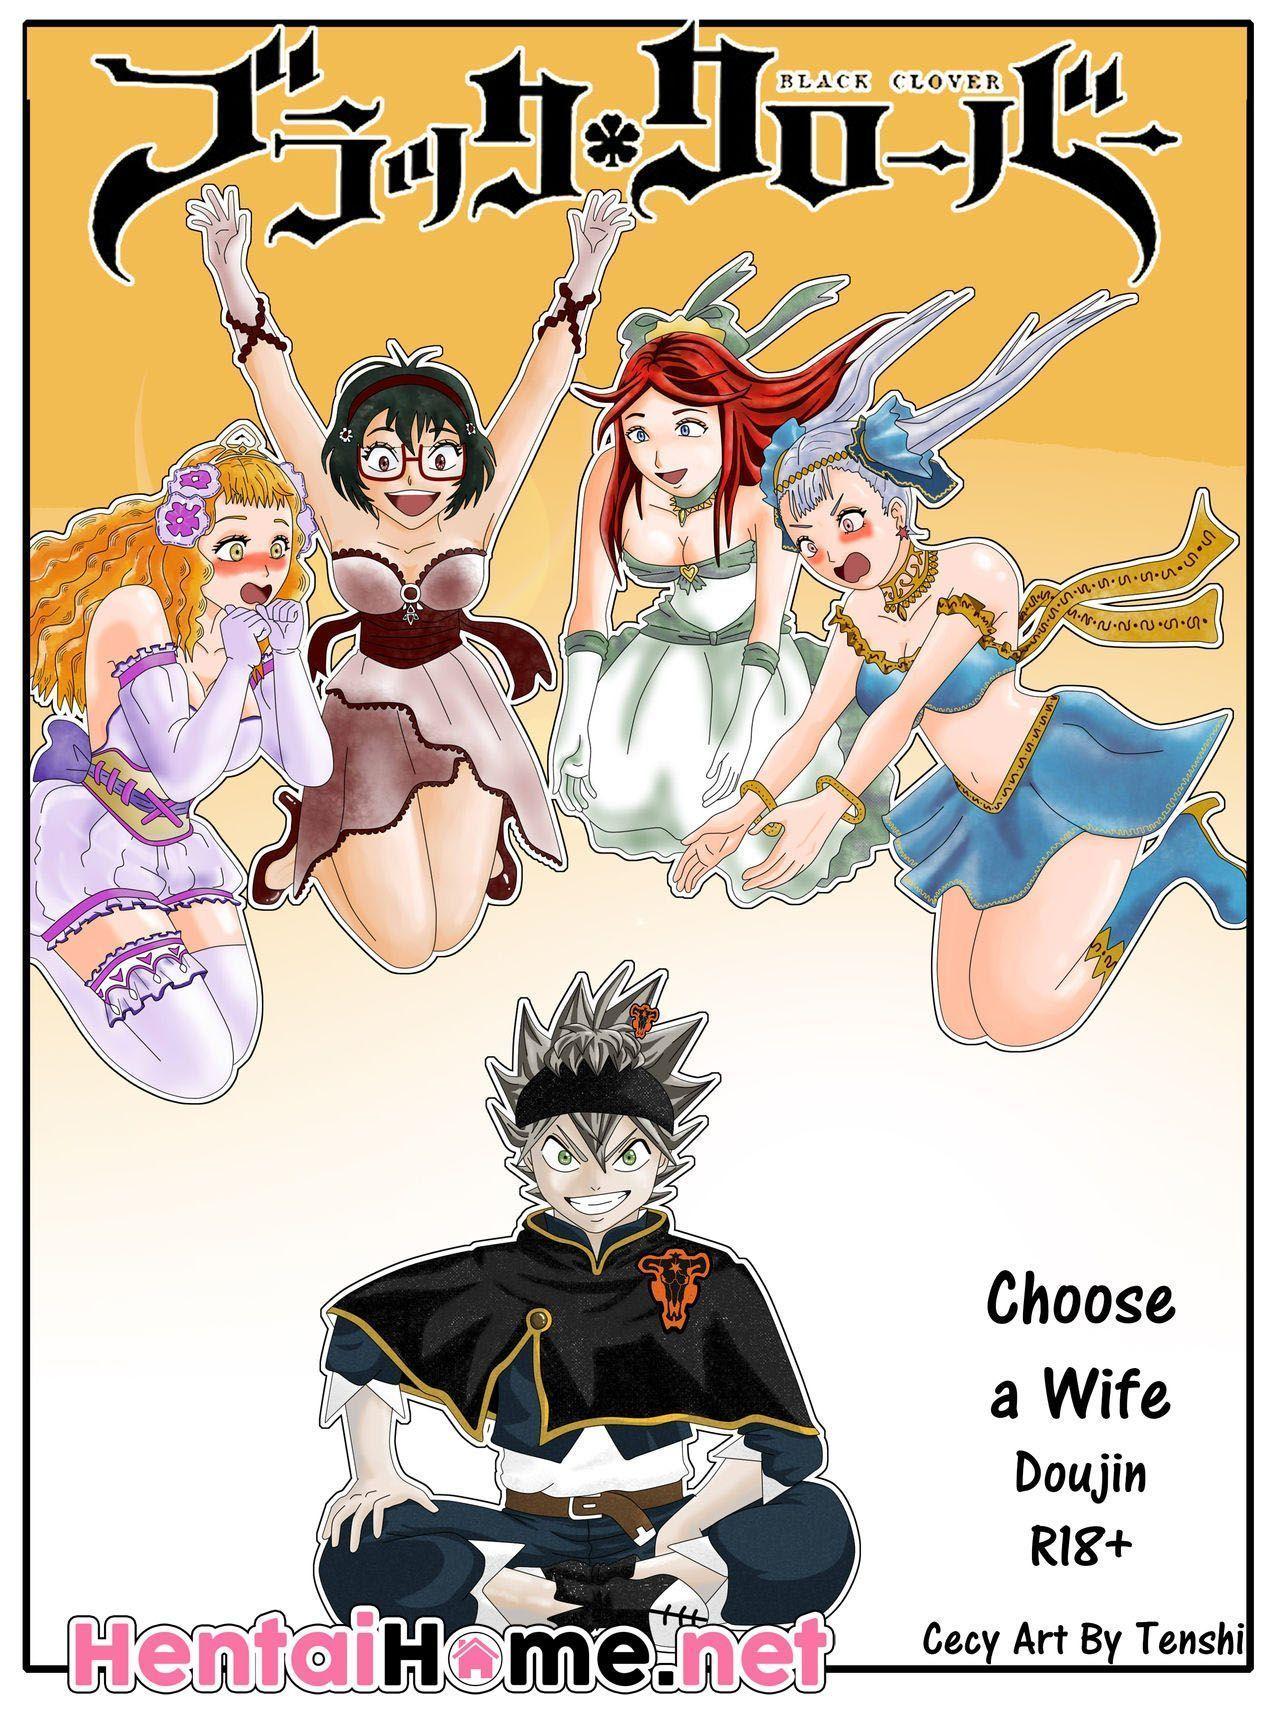 Black Clover Pornô: Escolha uma esposa